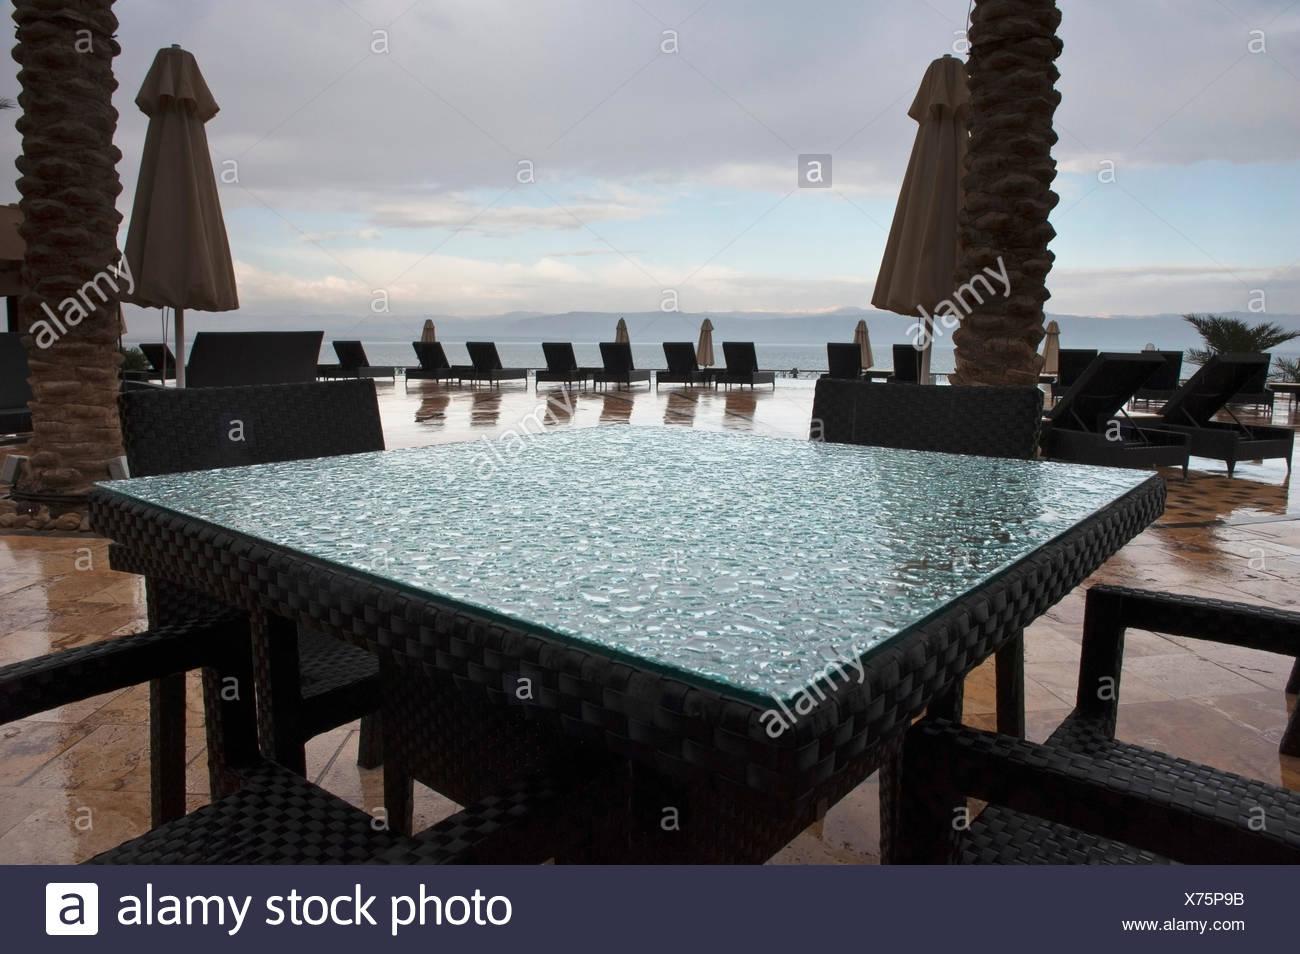 Le Movenpick Resort & Spa, un spa de luxe sur les rives de